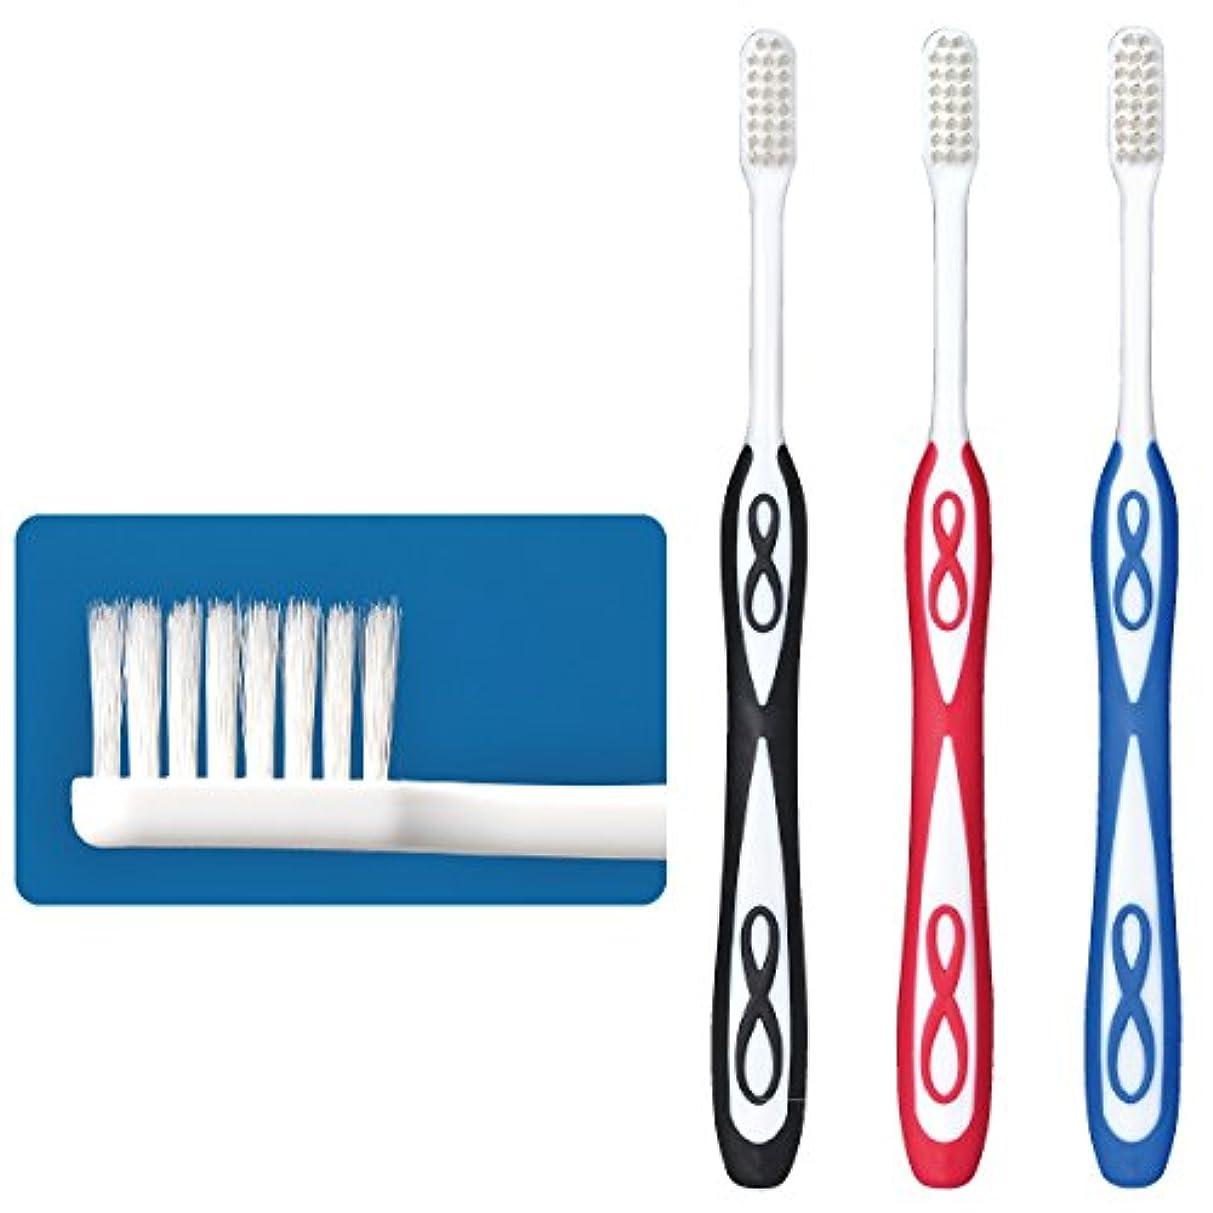 笑い要塞の頭の上Lover8(ラバーエイト)歯ブラシ レギュラータイプ オールテーパー毛 Mふつう 30本入